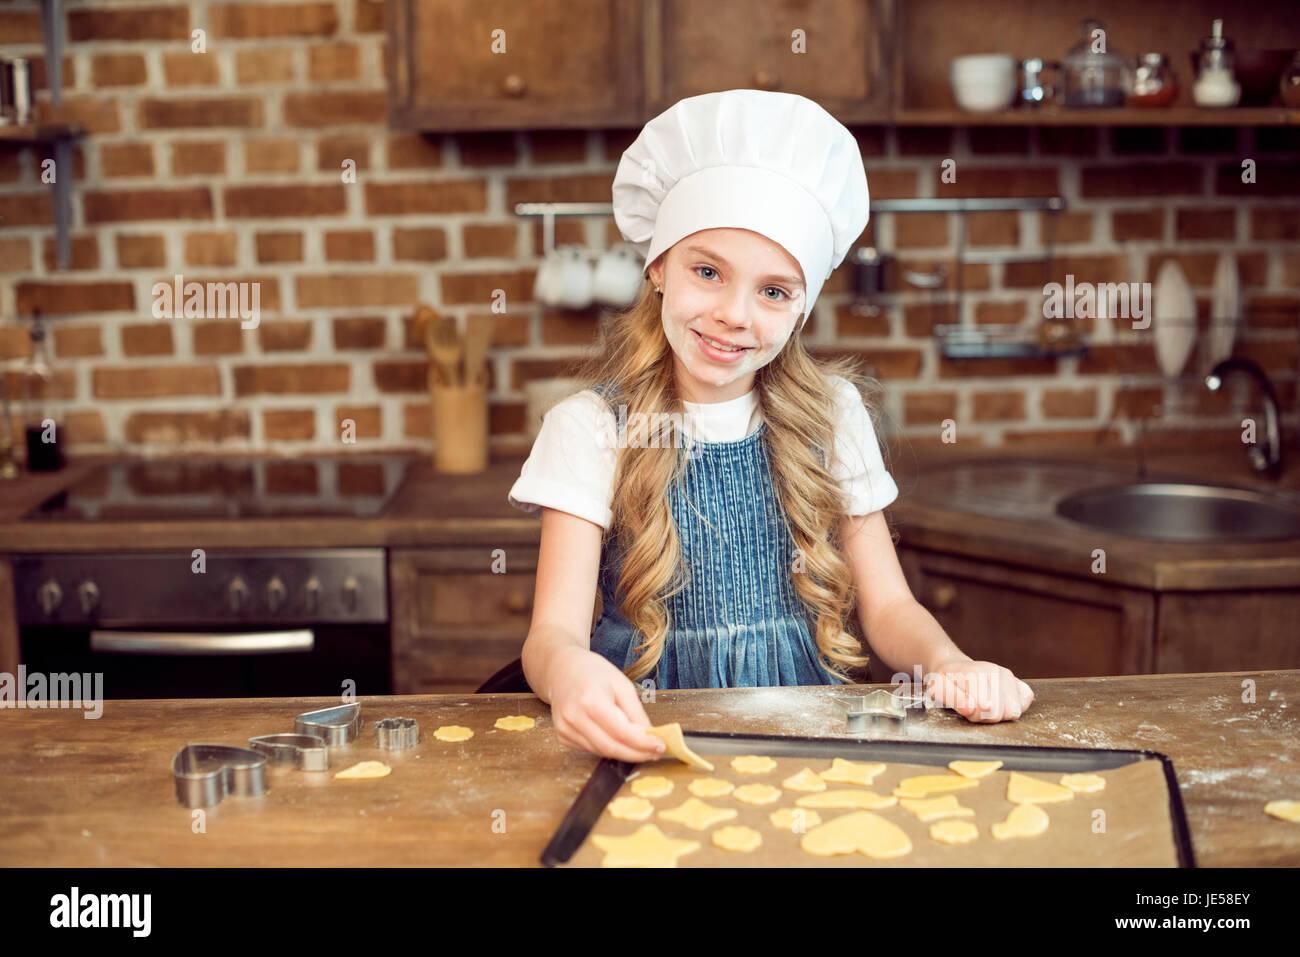 Portrait de petite fille en faisant des cookies en forme de chapeau de chef de cuisine Photo Stock